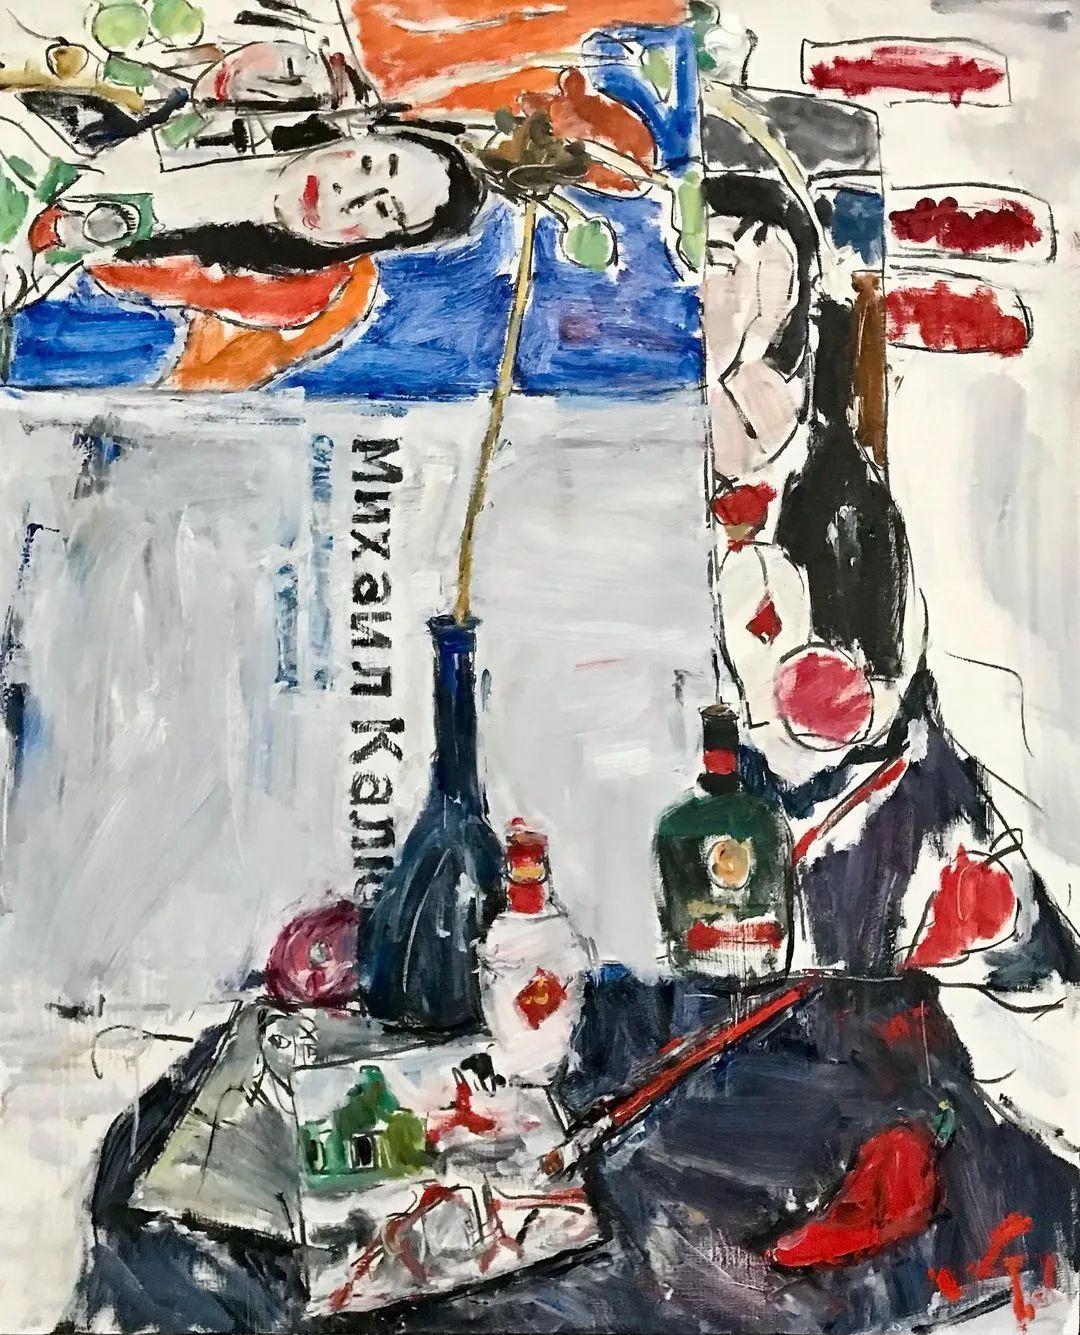 他画风潇洒自如,在世界画坛独树一帜!插图130